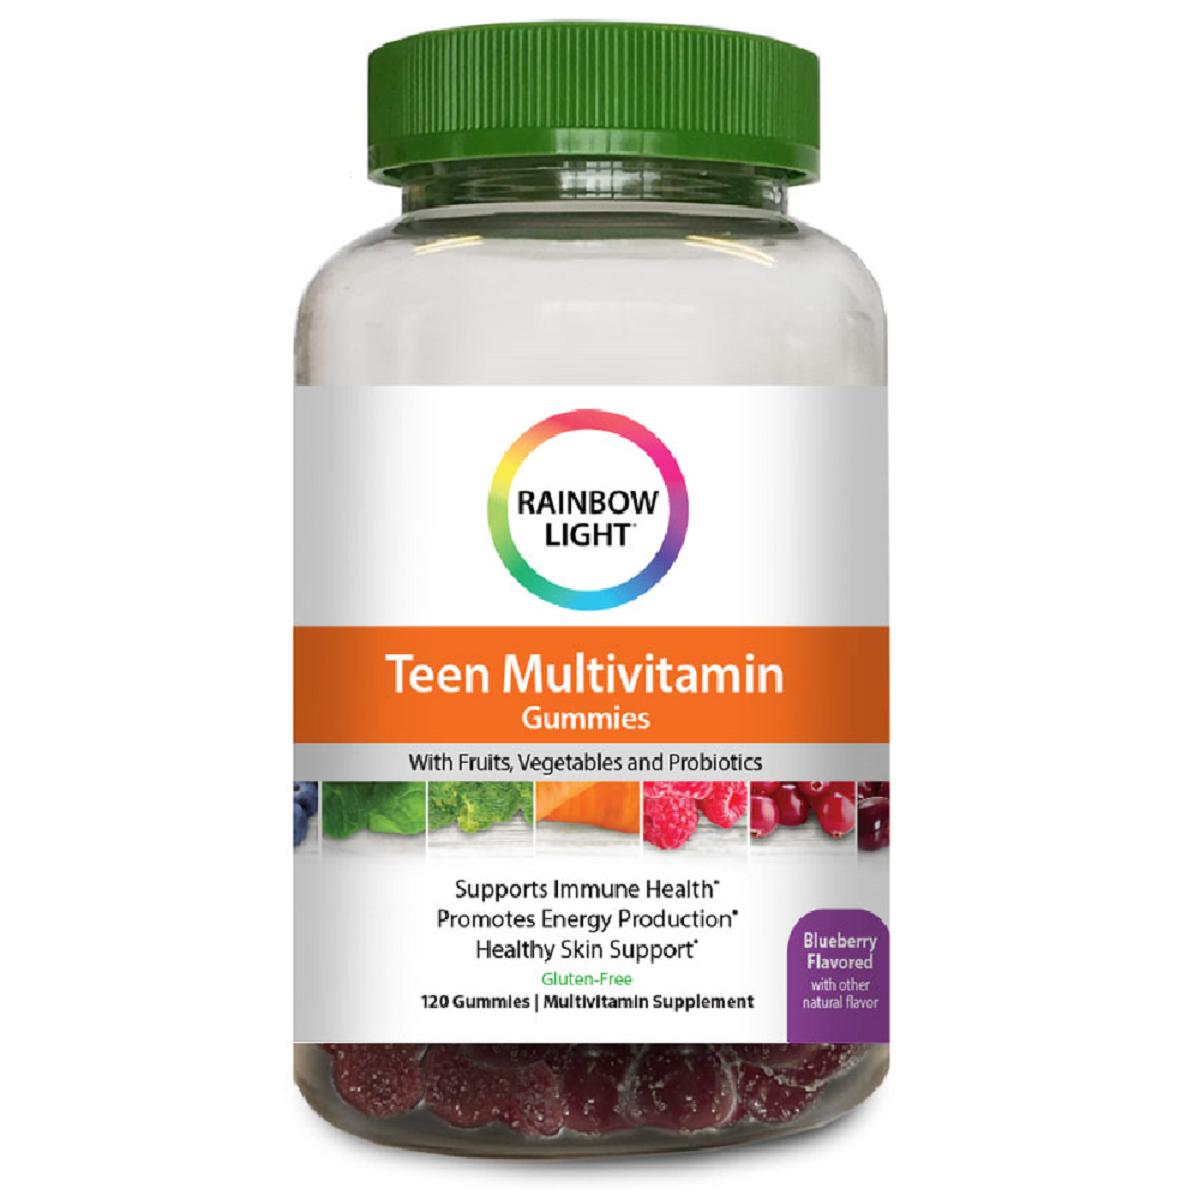 Мультивитамины Для Подростков, Teen Multivitamin, Rainbow Light, 120 жевательных таблеток